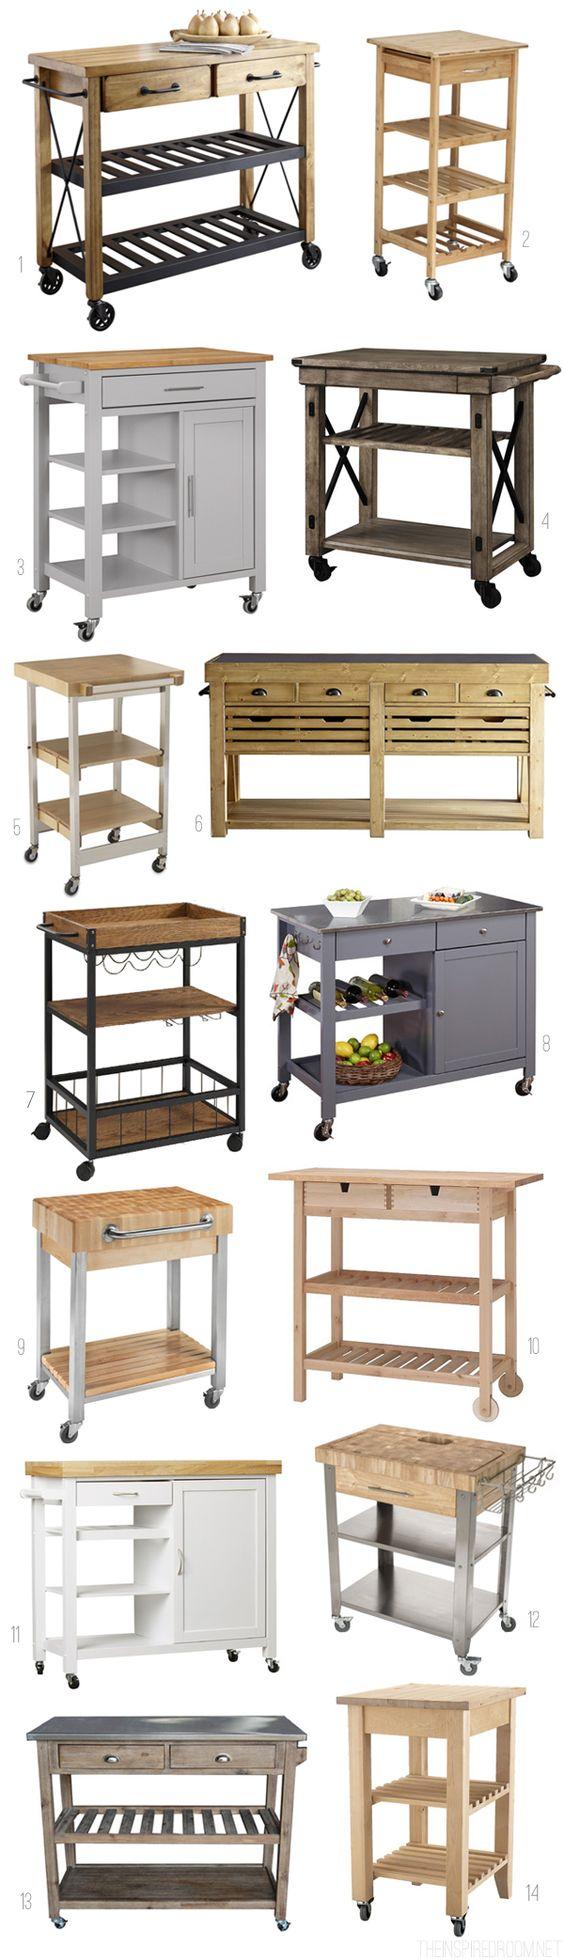 como organizar muebles de cocina (3)